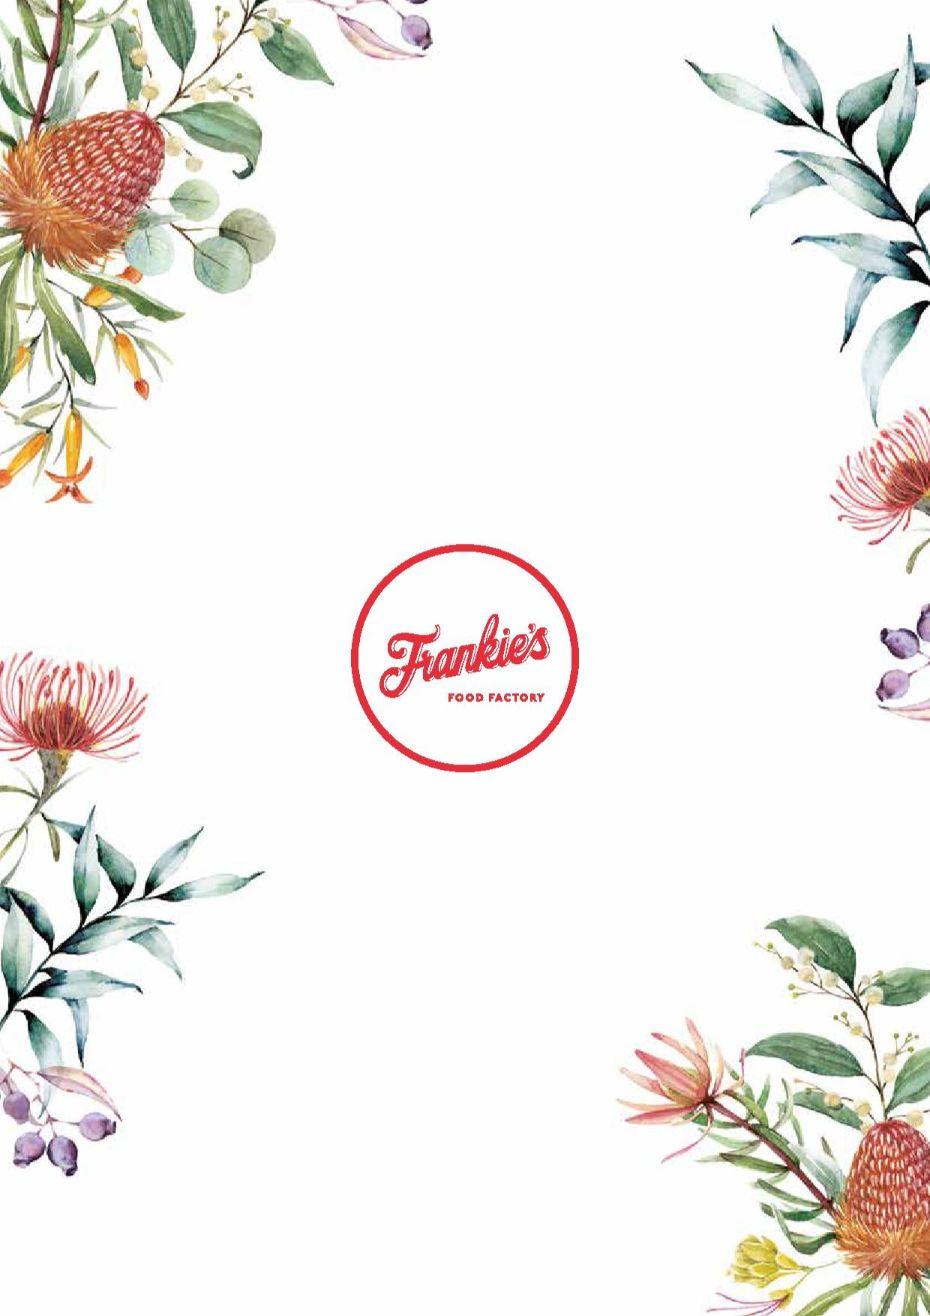 Flower Power Milperra Frankie's Food Factory